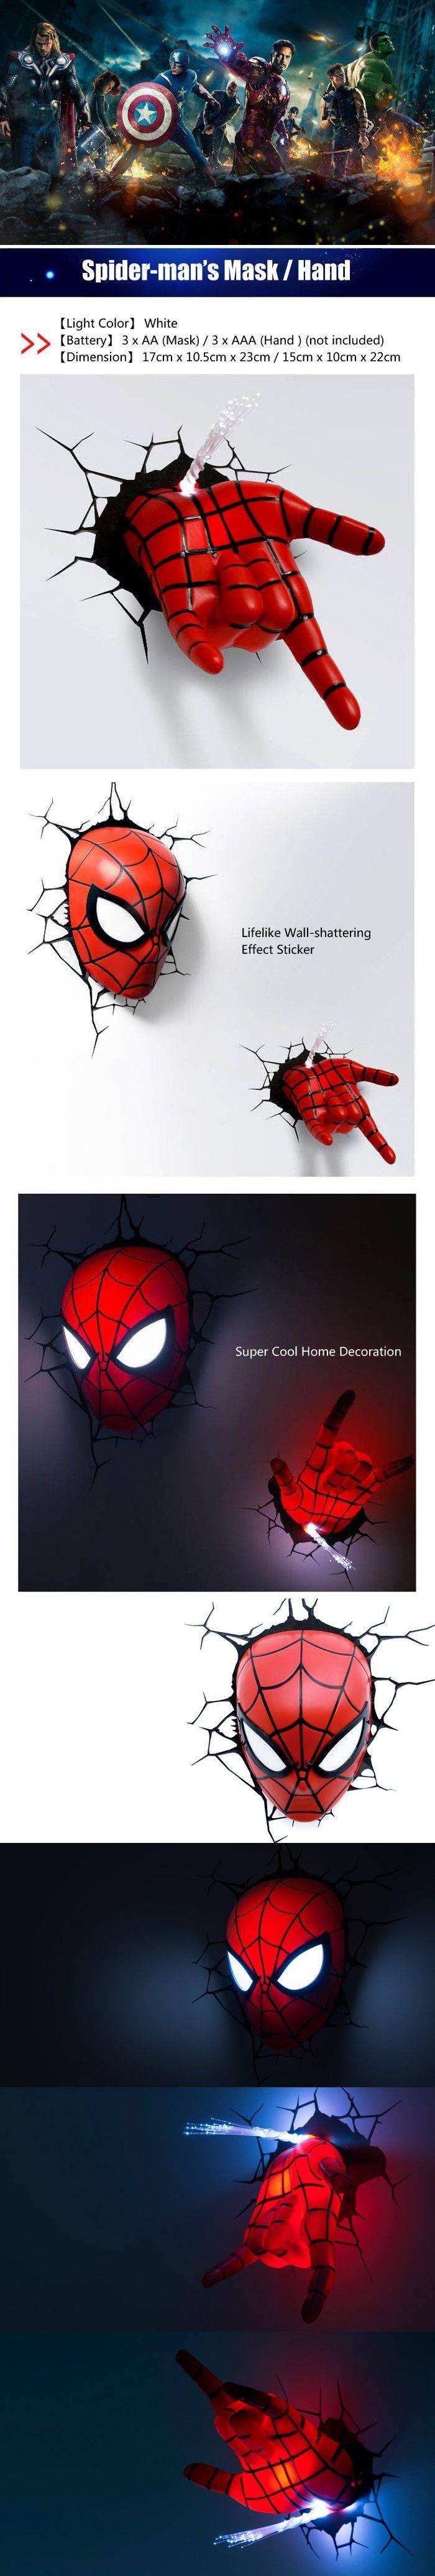 Best 25+ Avengers Wall Lights Ideas On Pinterest | Avengers Boys Inside Most Recent 3d Wall Art Night Light Spiderman Hand (View 17 of 20)